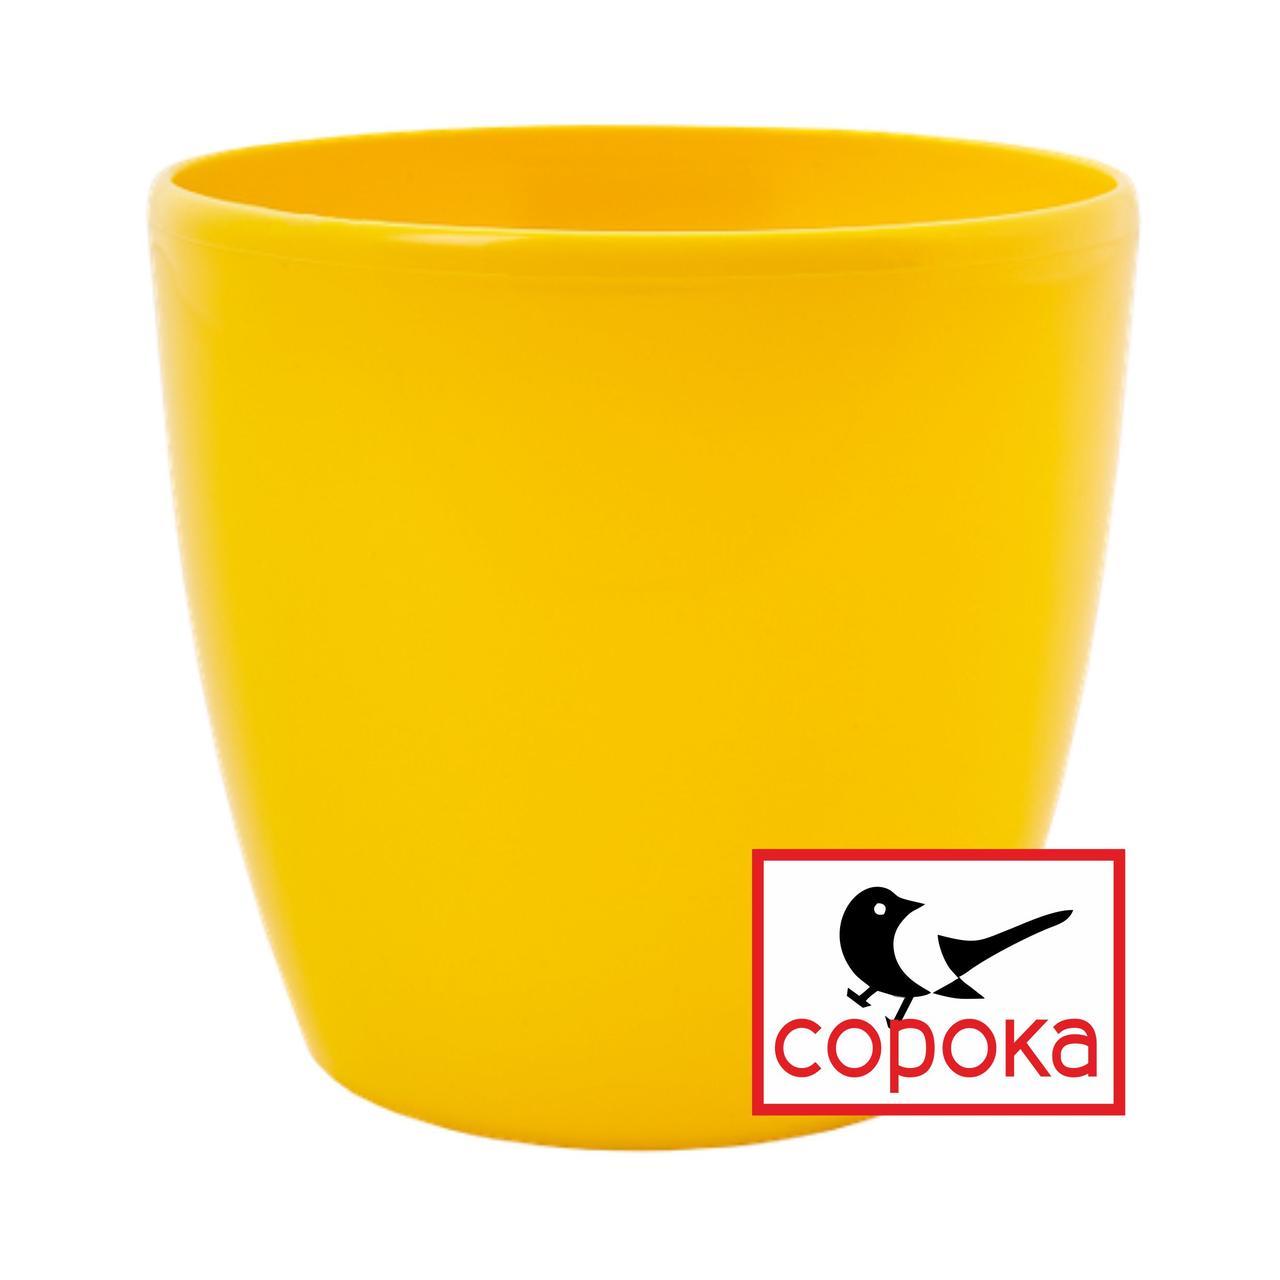 Вазон для цветов Алеана Матильда 24*22см желтый 7,6л (Горшок для цветов пластиковый Алеана Матильда)